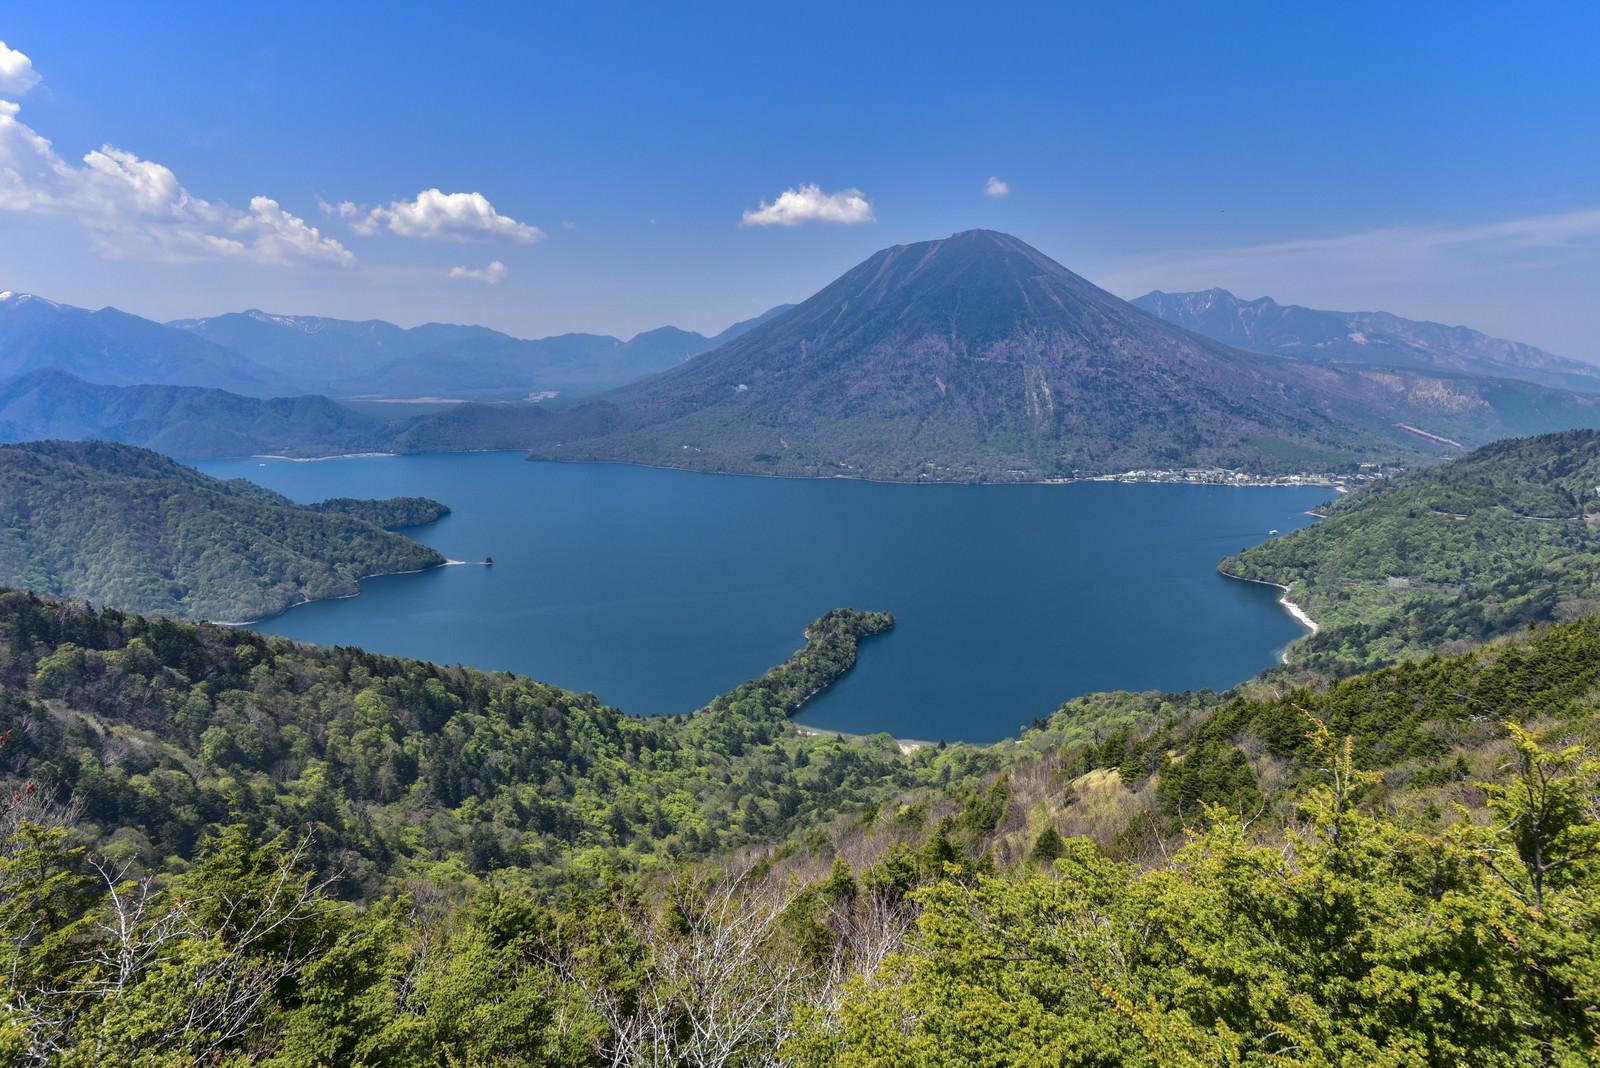 「半月山から見る中禅寺湖と男体山(栃木県日光市)」の写真